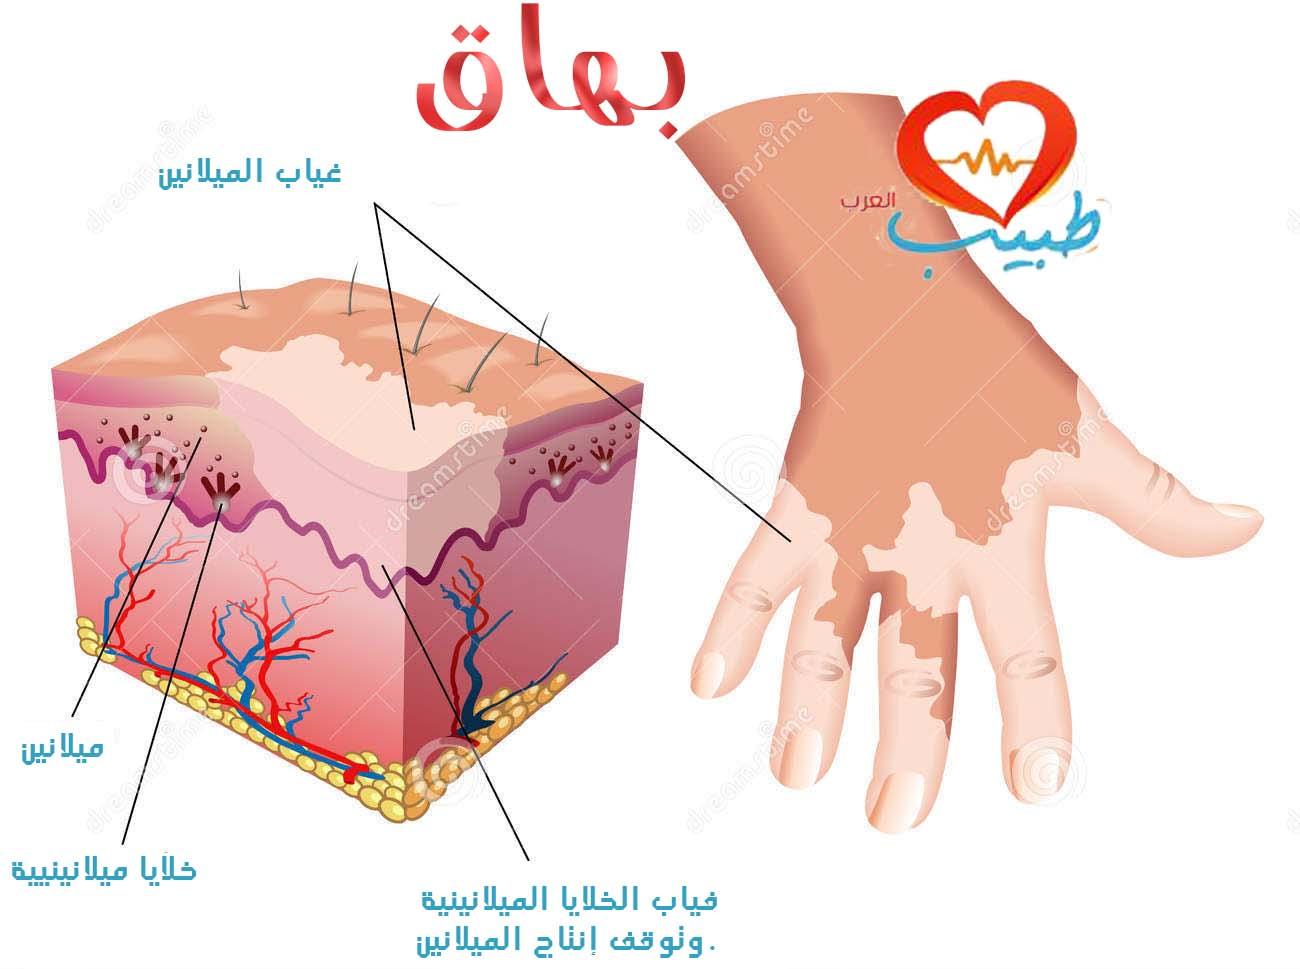 طبيب ع بهاق